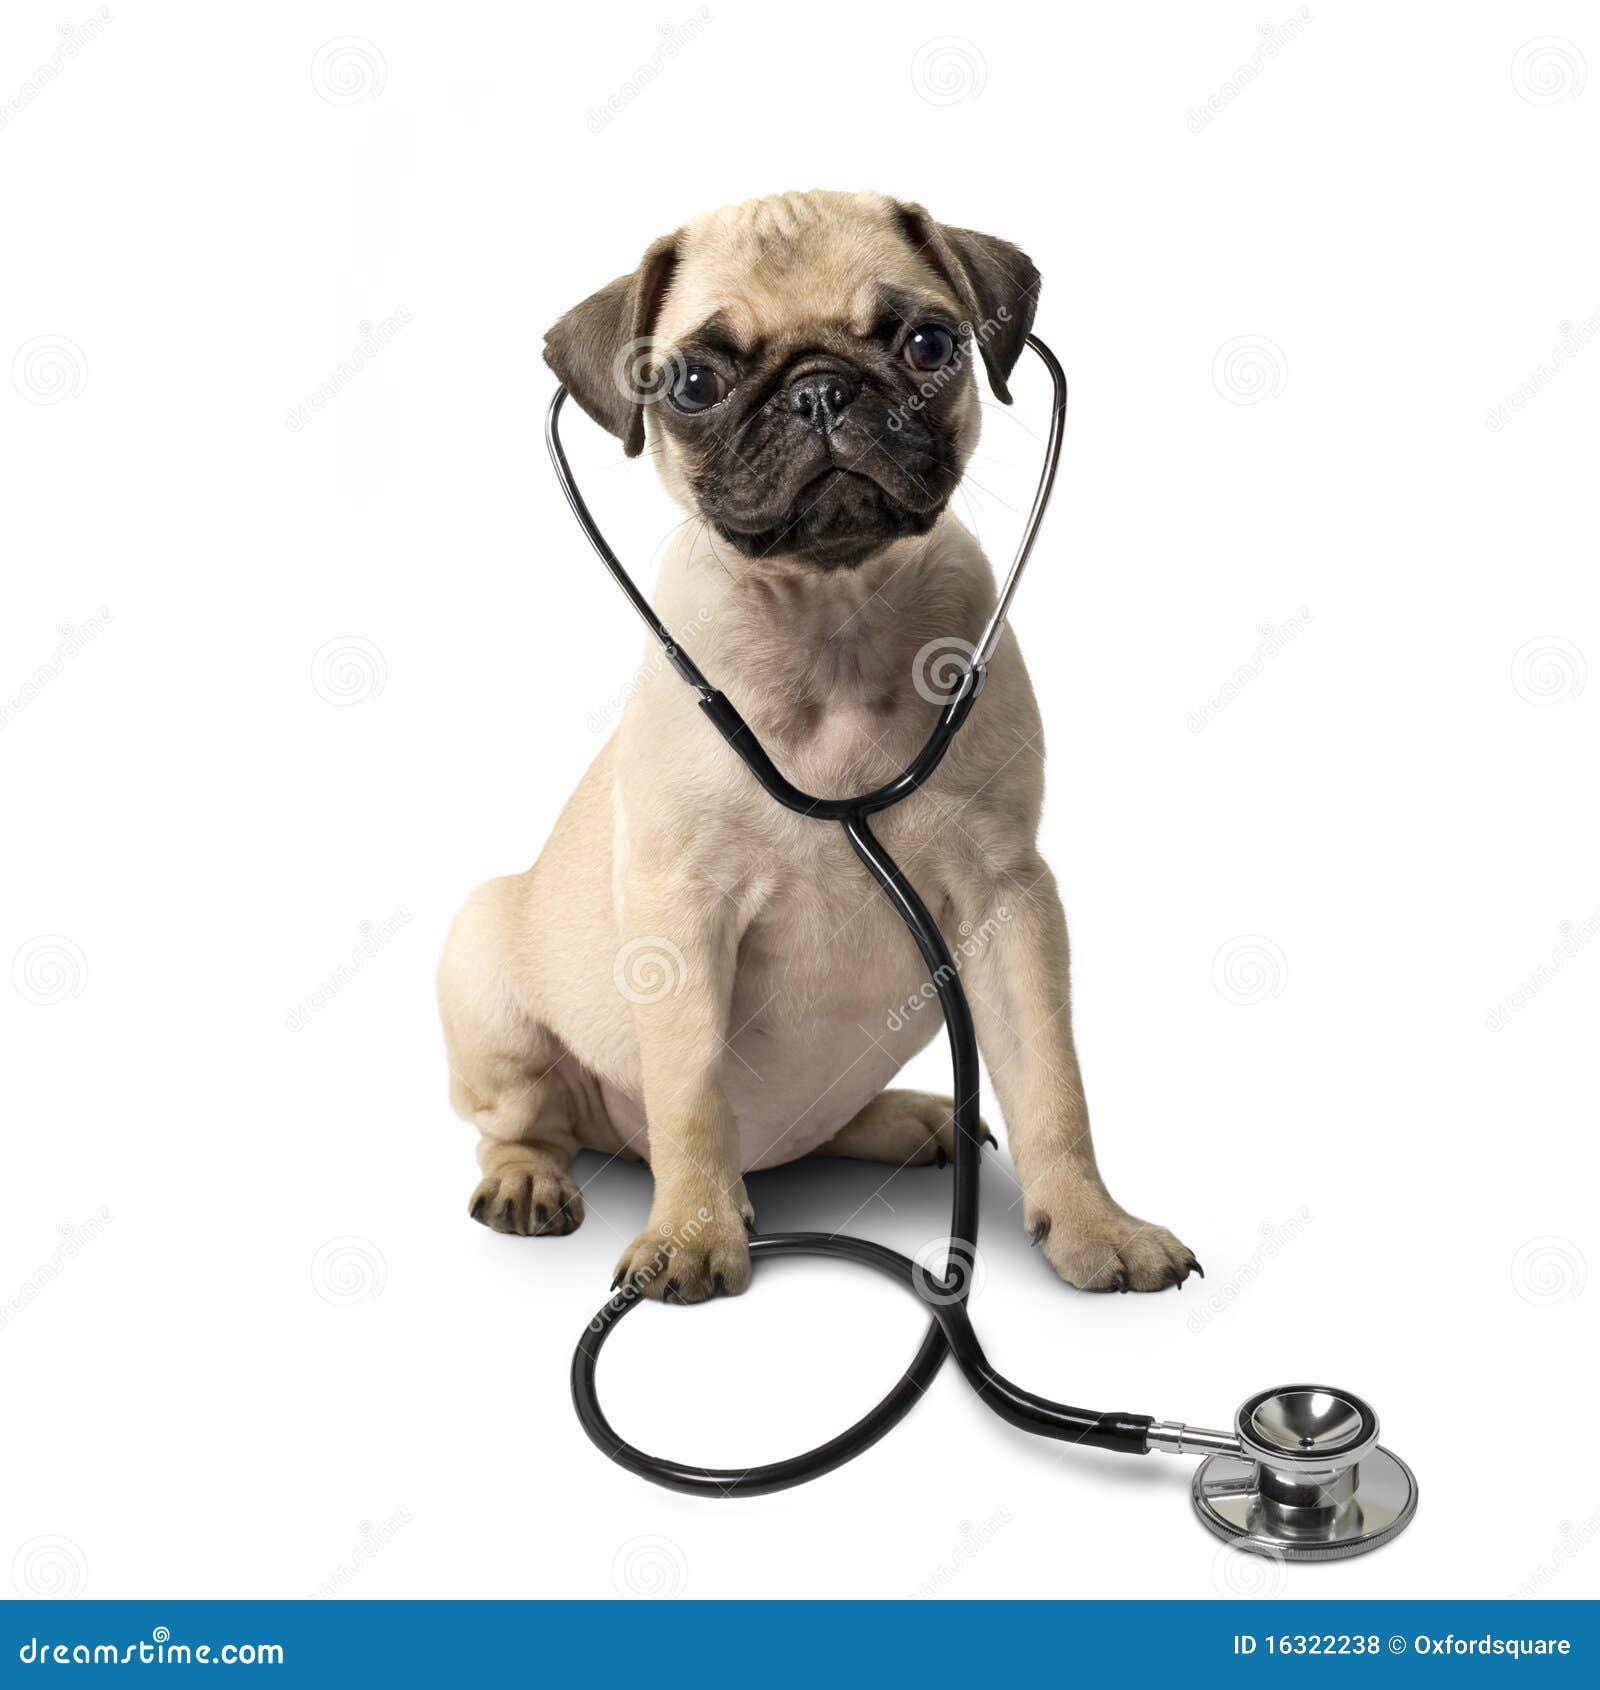 Pug dog and a stethoscope